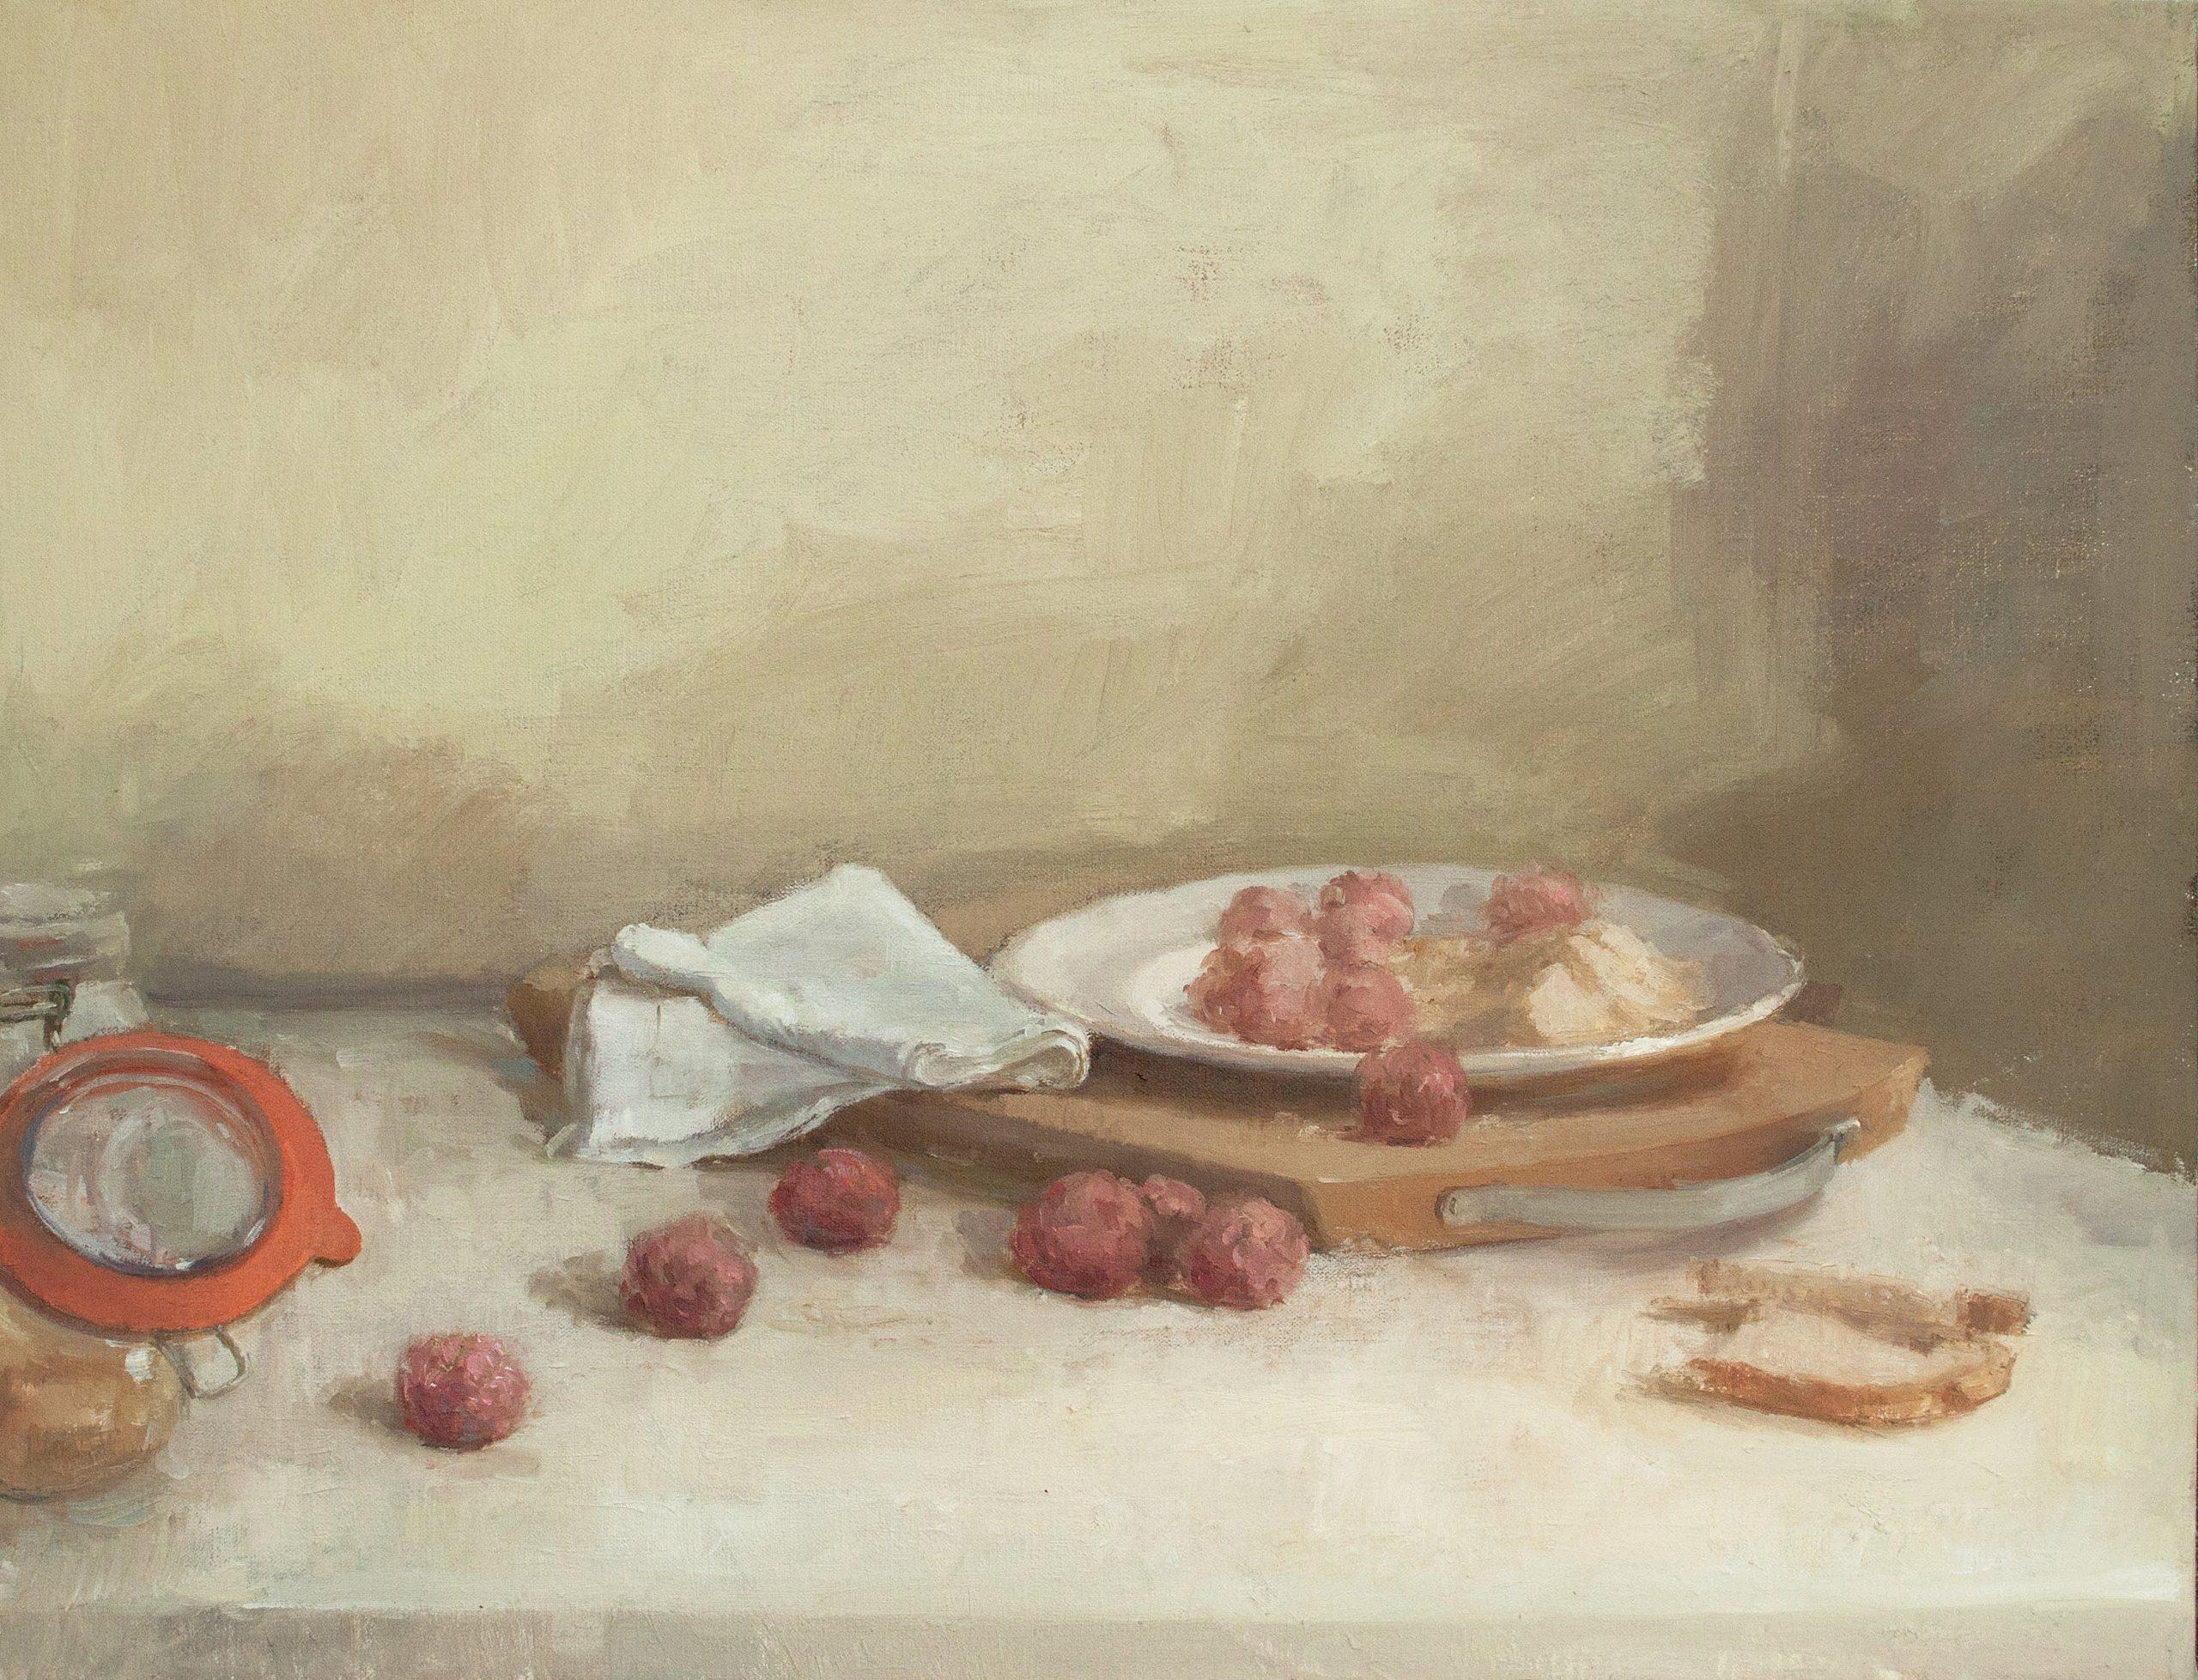 """Ilaria Rosselli Del Turco - Polpette - Oil on Linen - 20"""" x 26"""""""